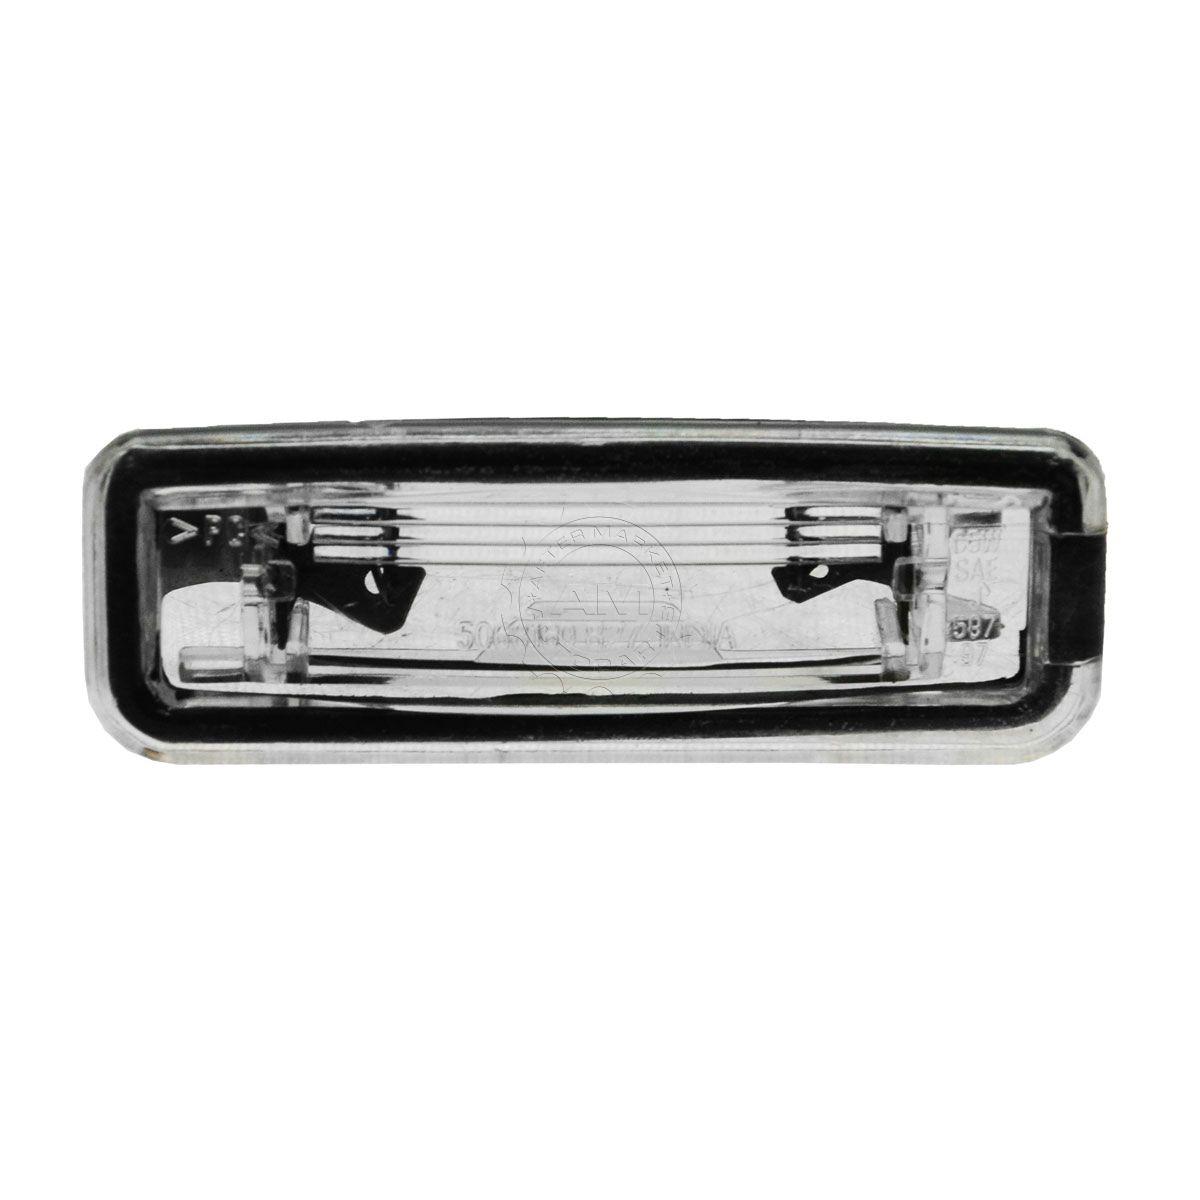 Rear Plate Assy : Dorman rear license plate light lens assembly lamp for